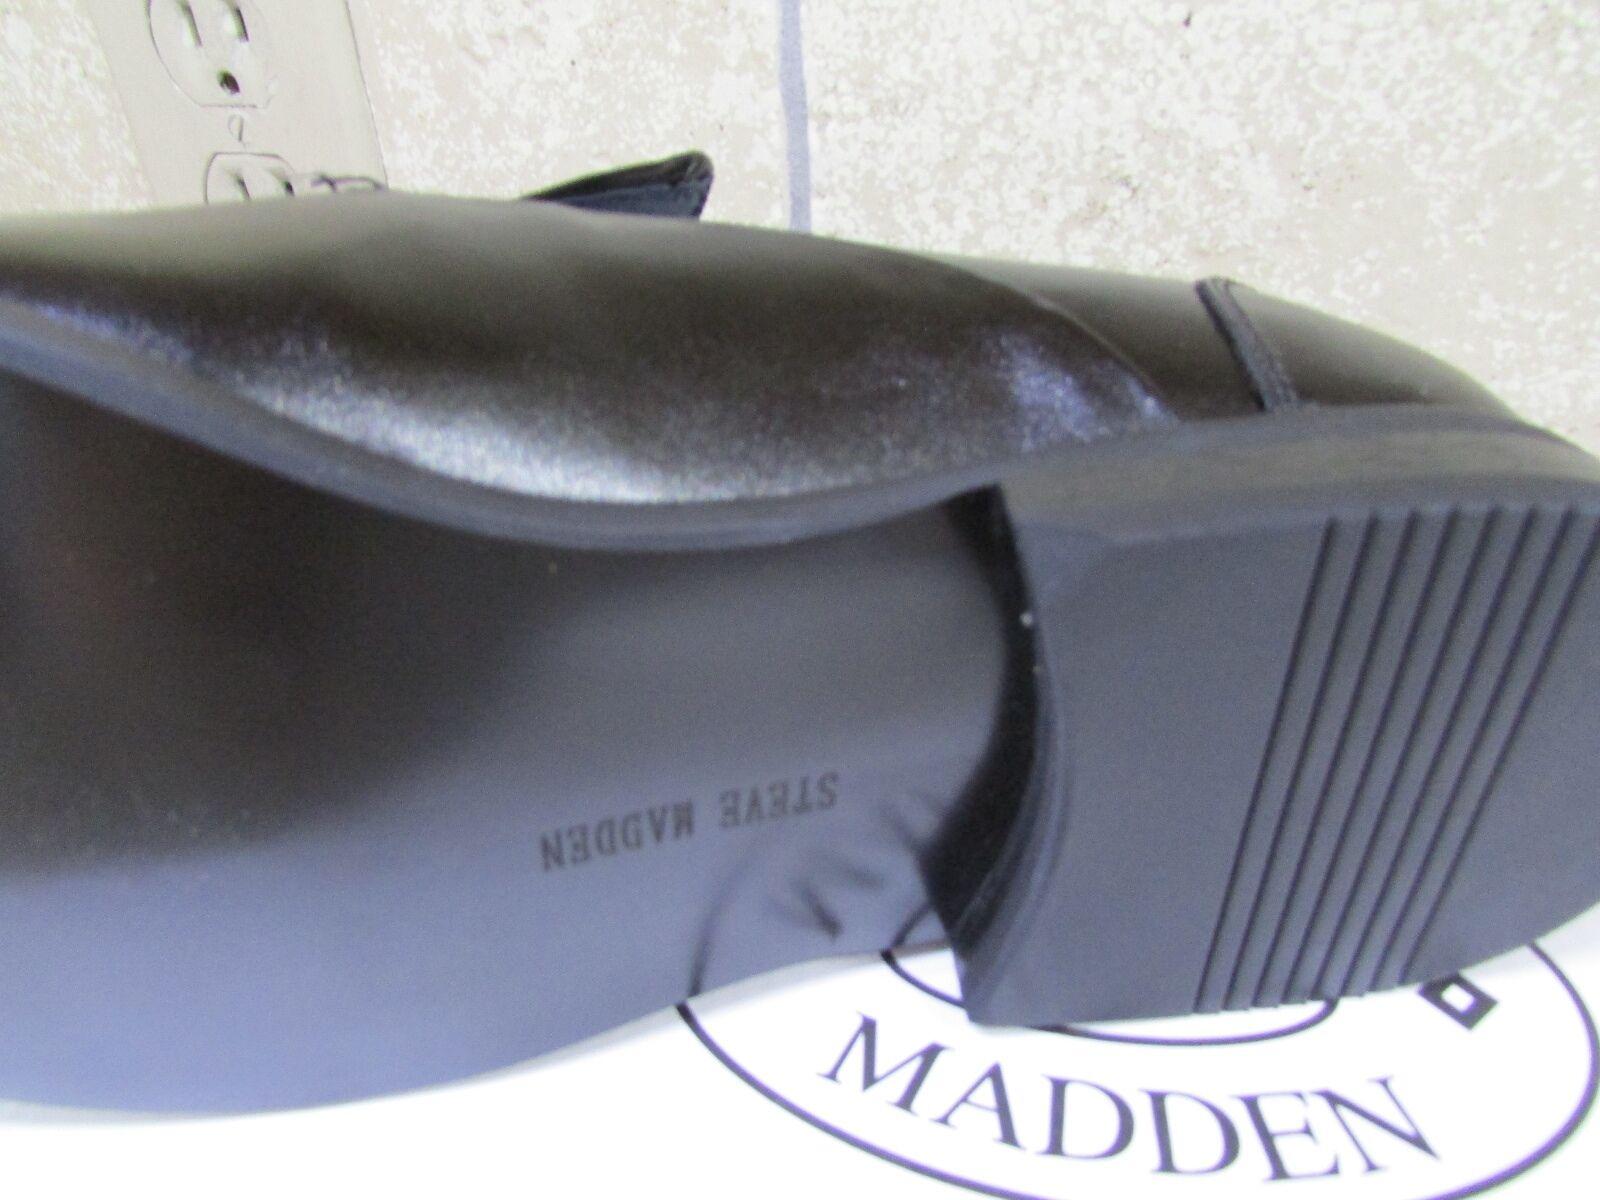 NEW STEVE MADDEN RODDY schwarz LEATHER schuhe MENS 11.5 11.5 11.5 e3032a